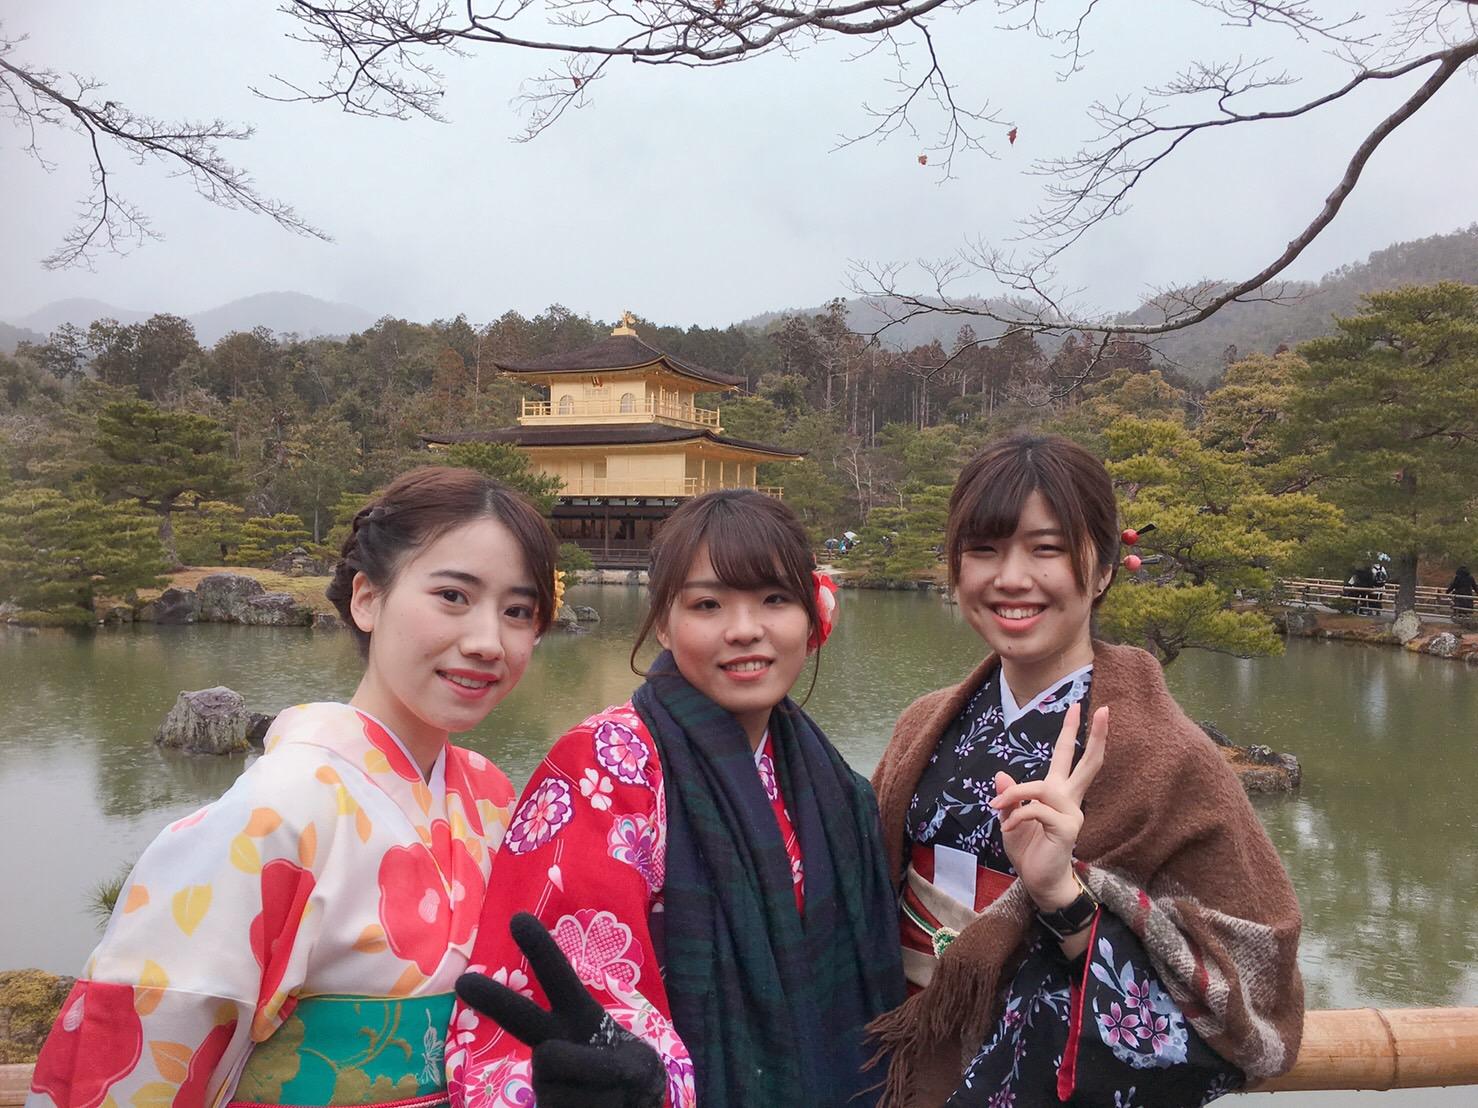 関東から春休み中の大学生♡2019年2月11日9